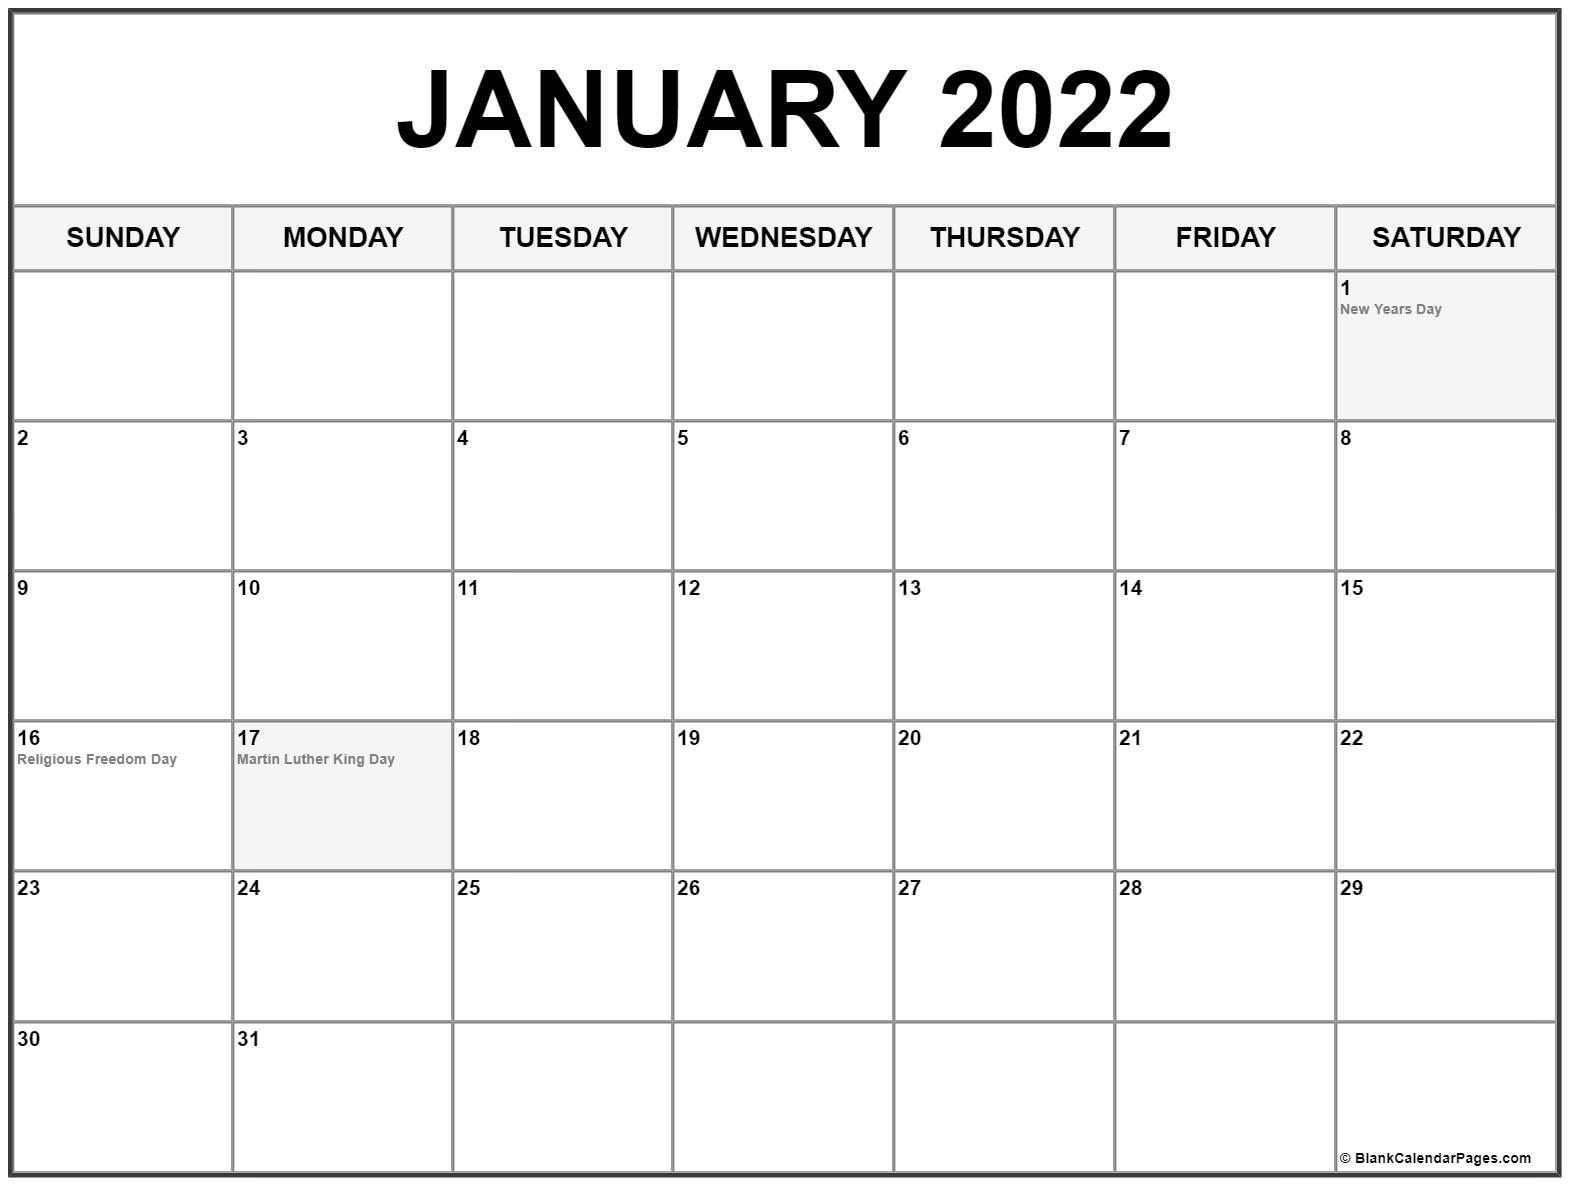 January 2022 With Holidays Calendar Regarding December January Calendars 2022 2022